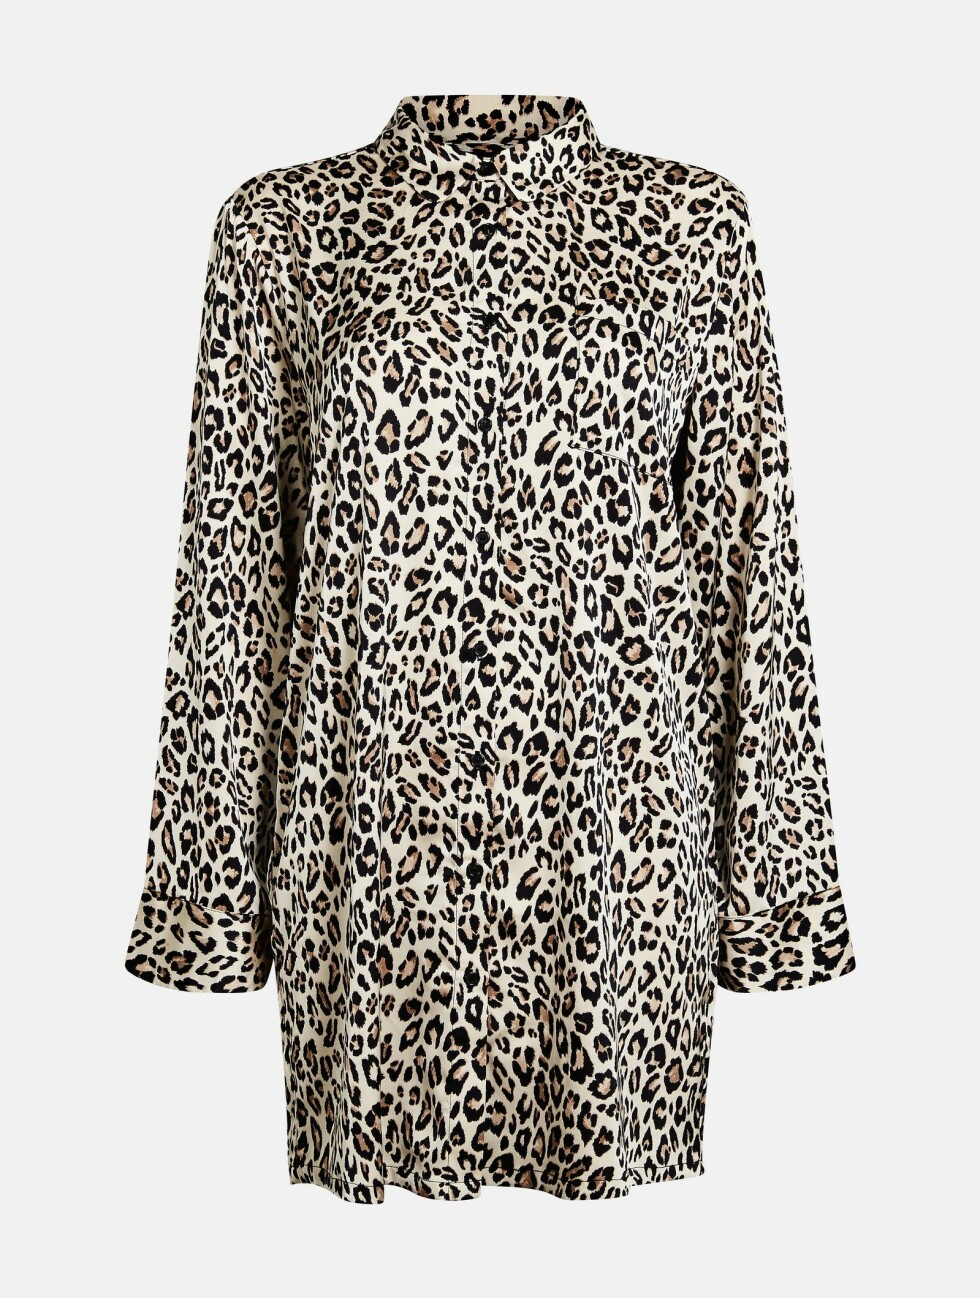 Nattskjorte fra Bik Bok |349,-| https://bikbok.com/no/p/nattoy/pyjamas/silky-night-shirt/7227494_F001